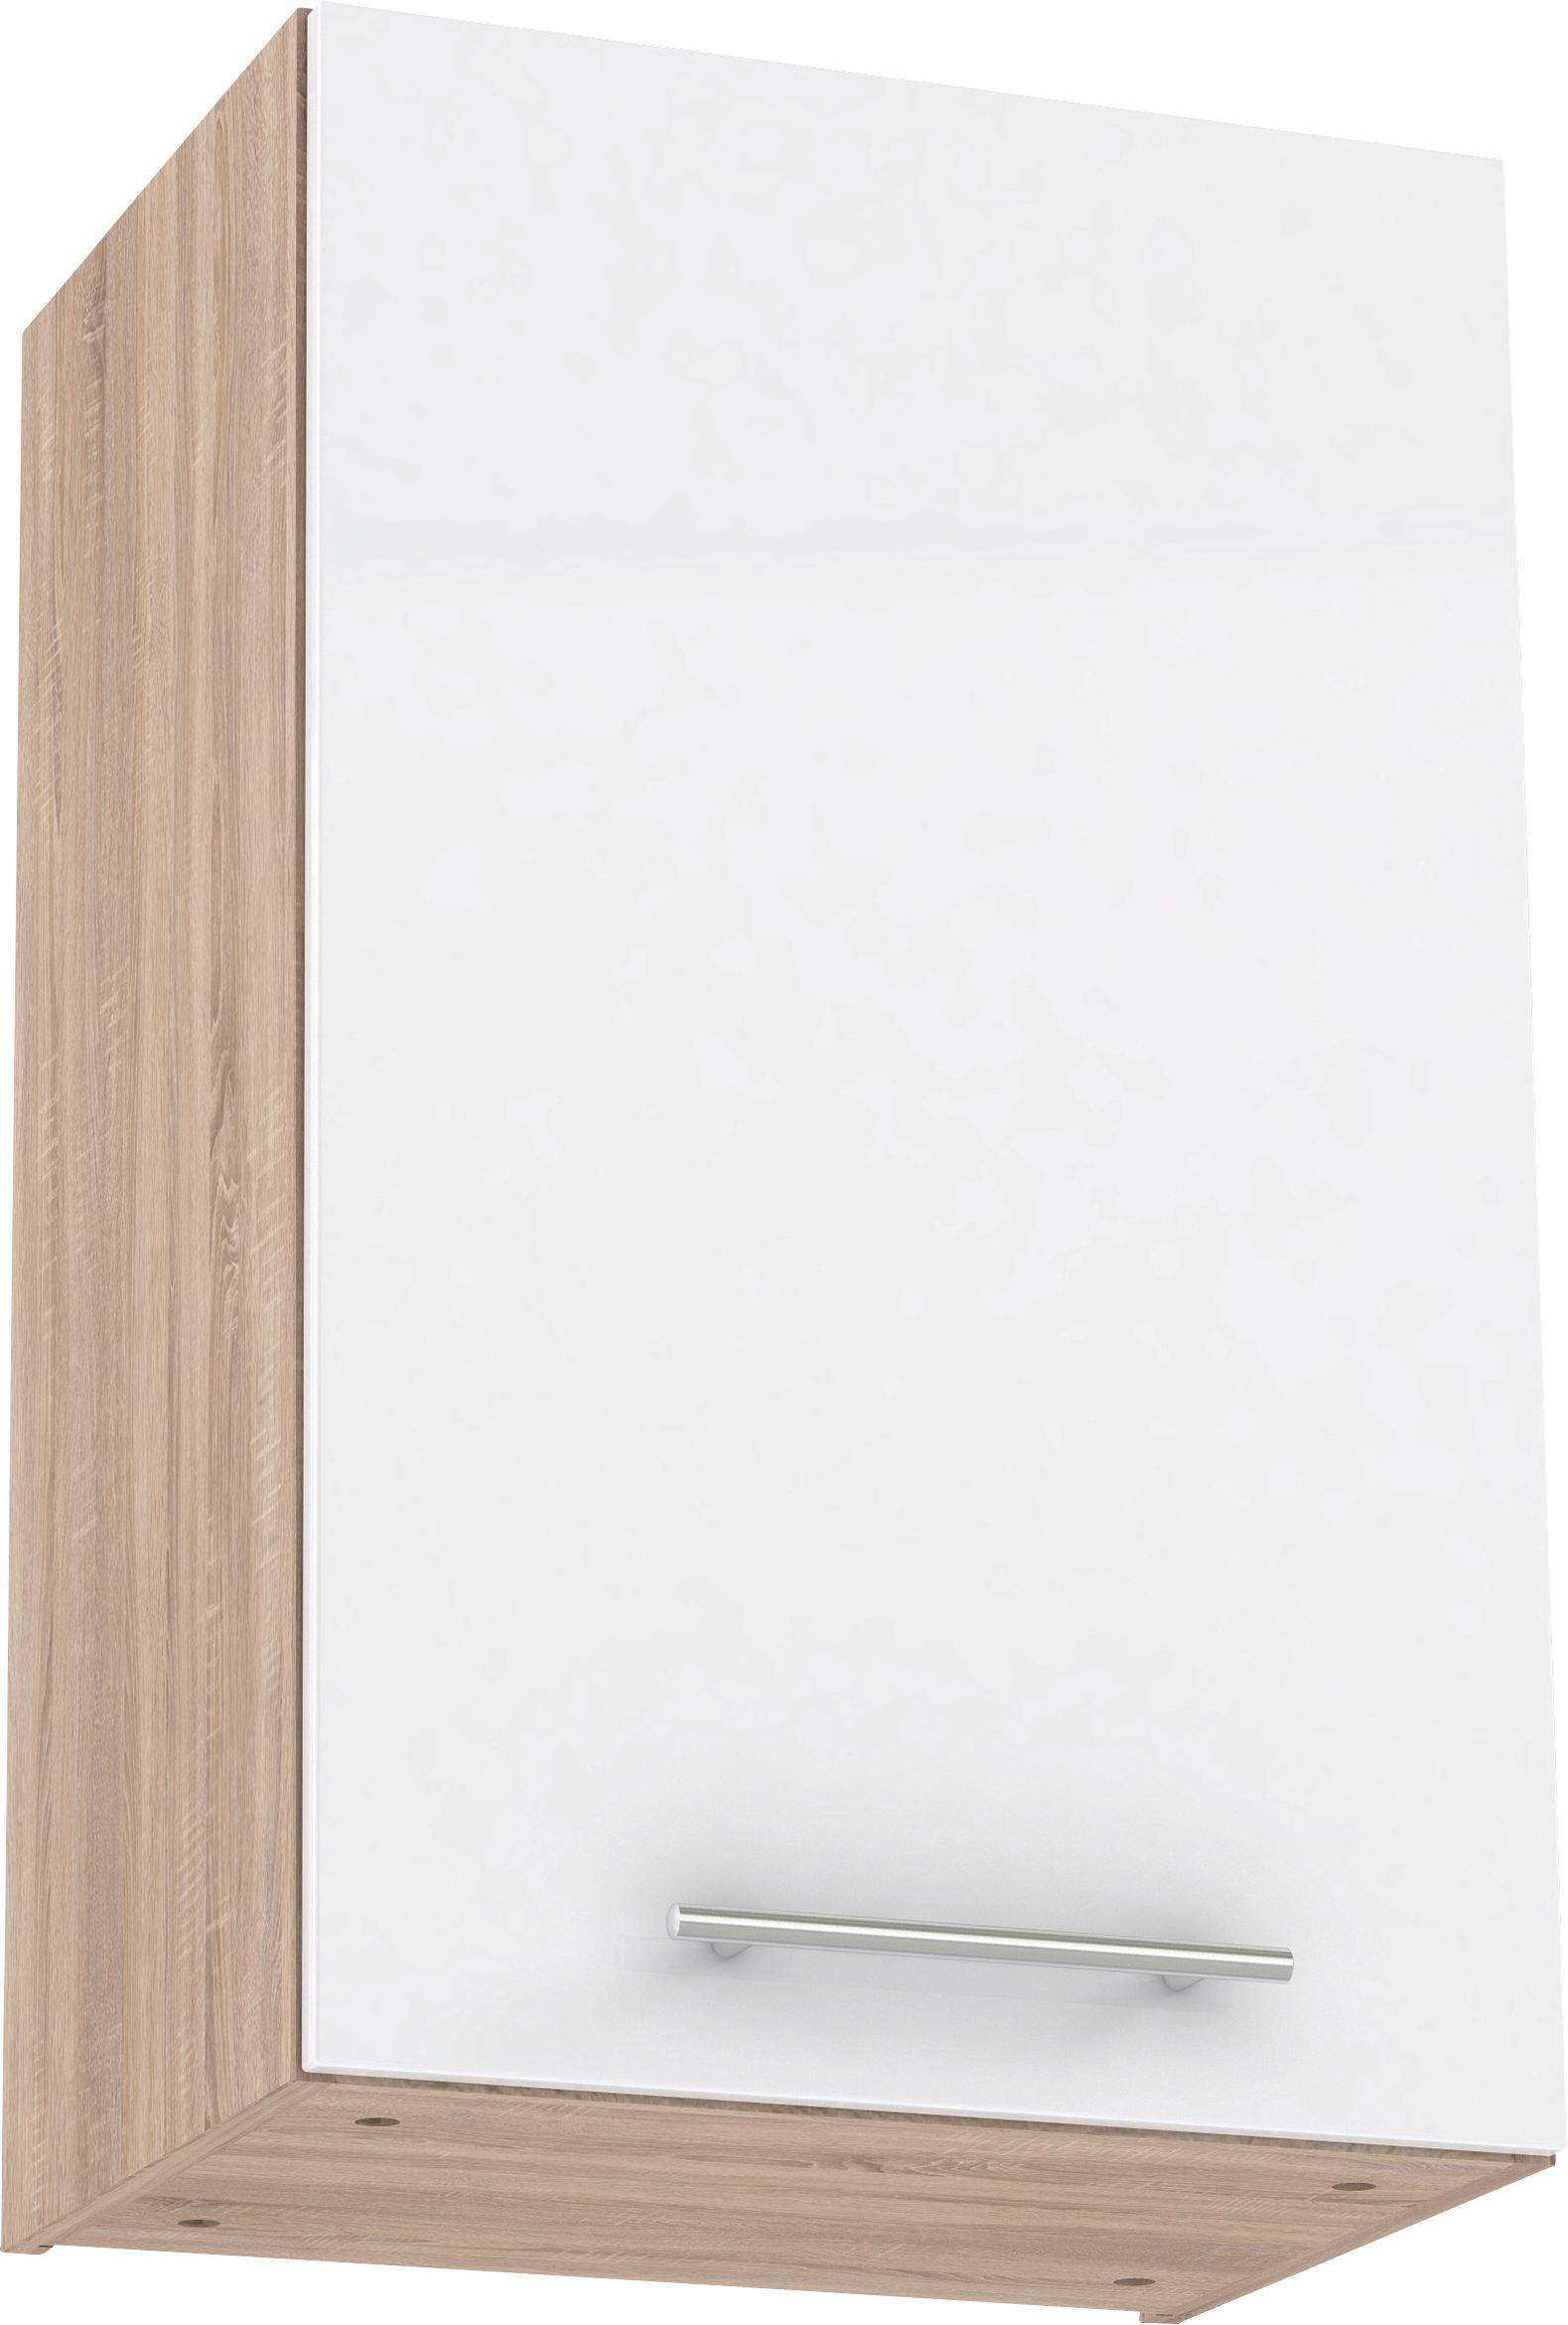 Felsőszekrény Multiforte - (45/72,3/34,6cm)